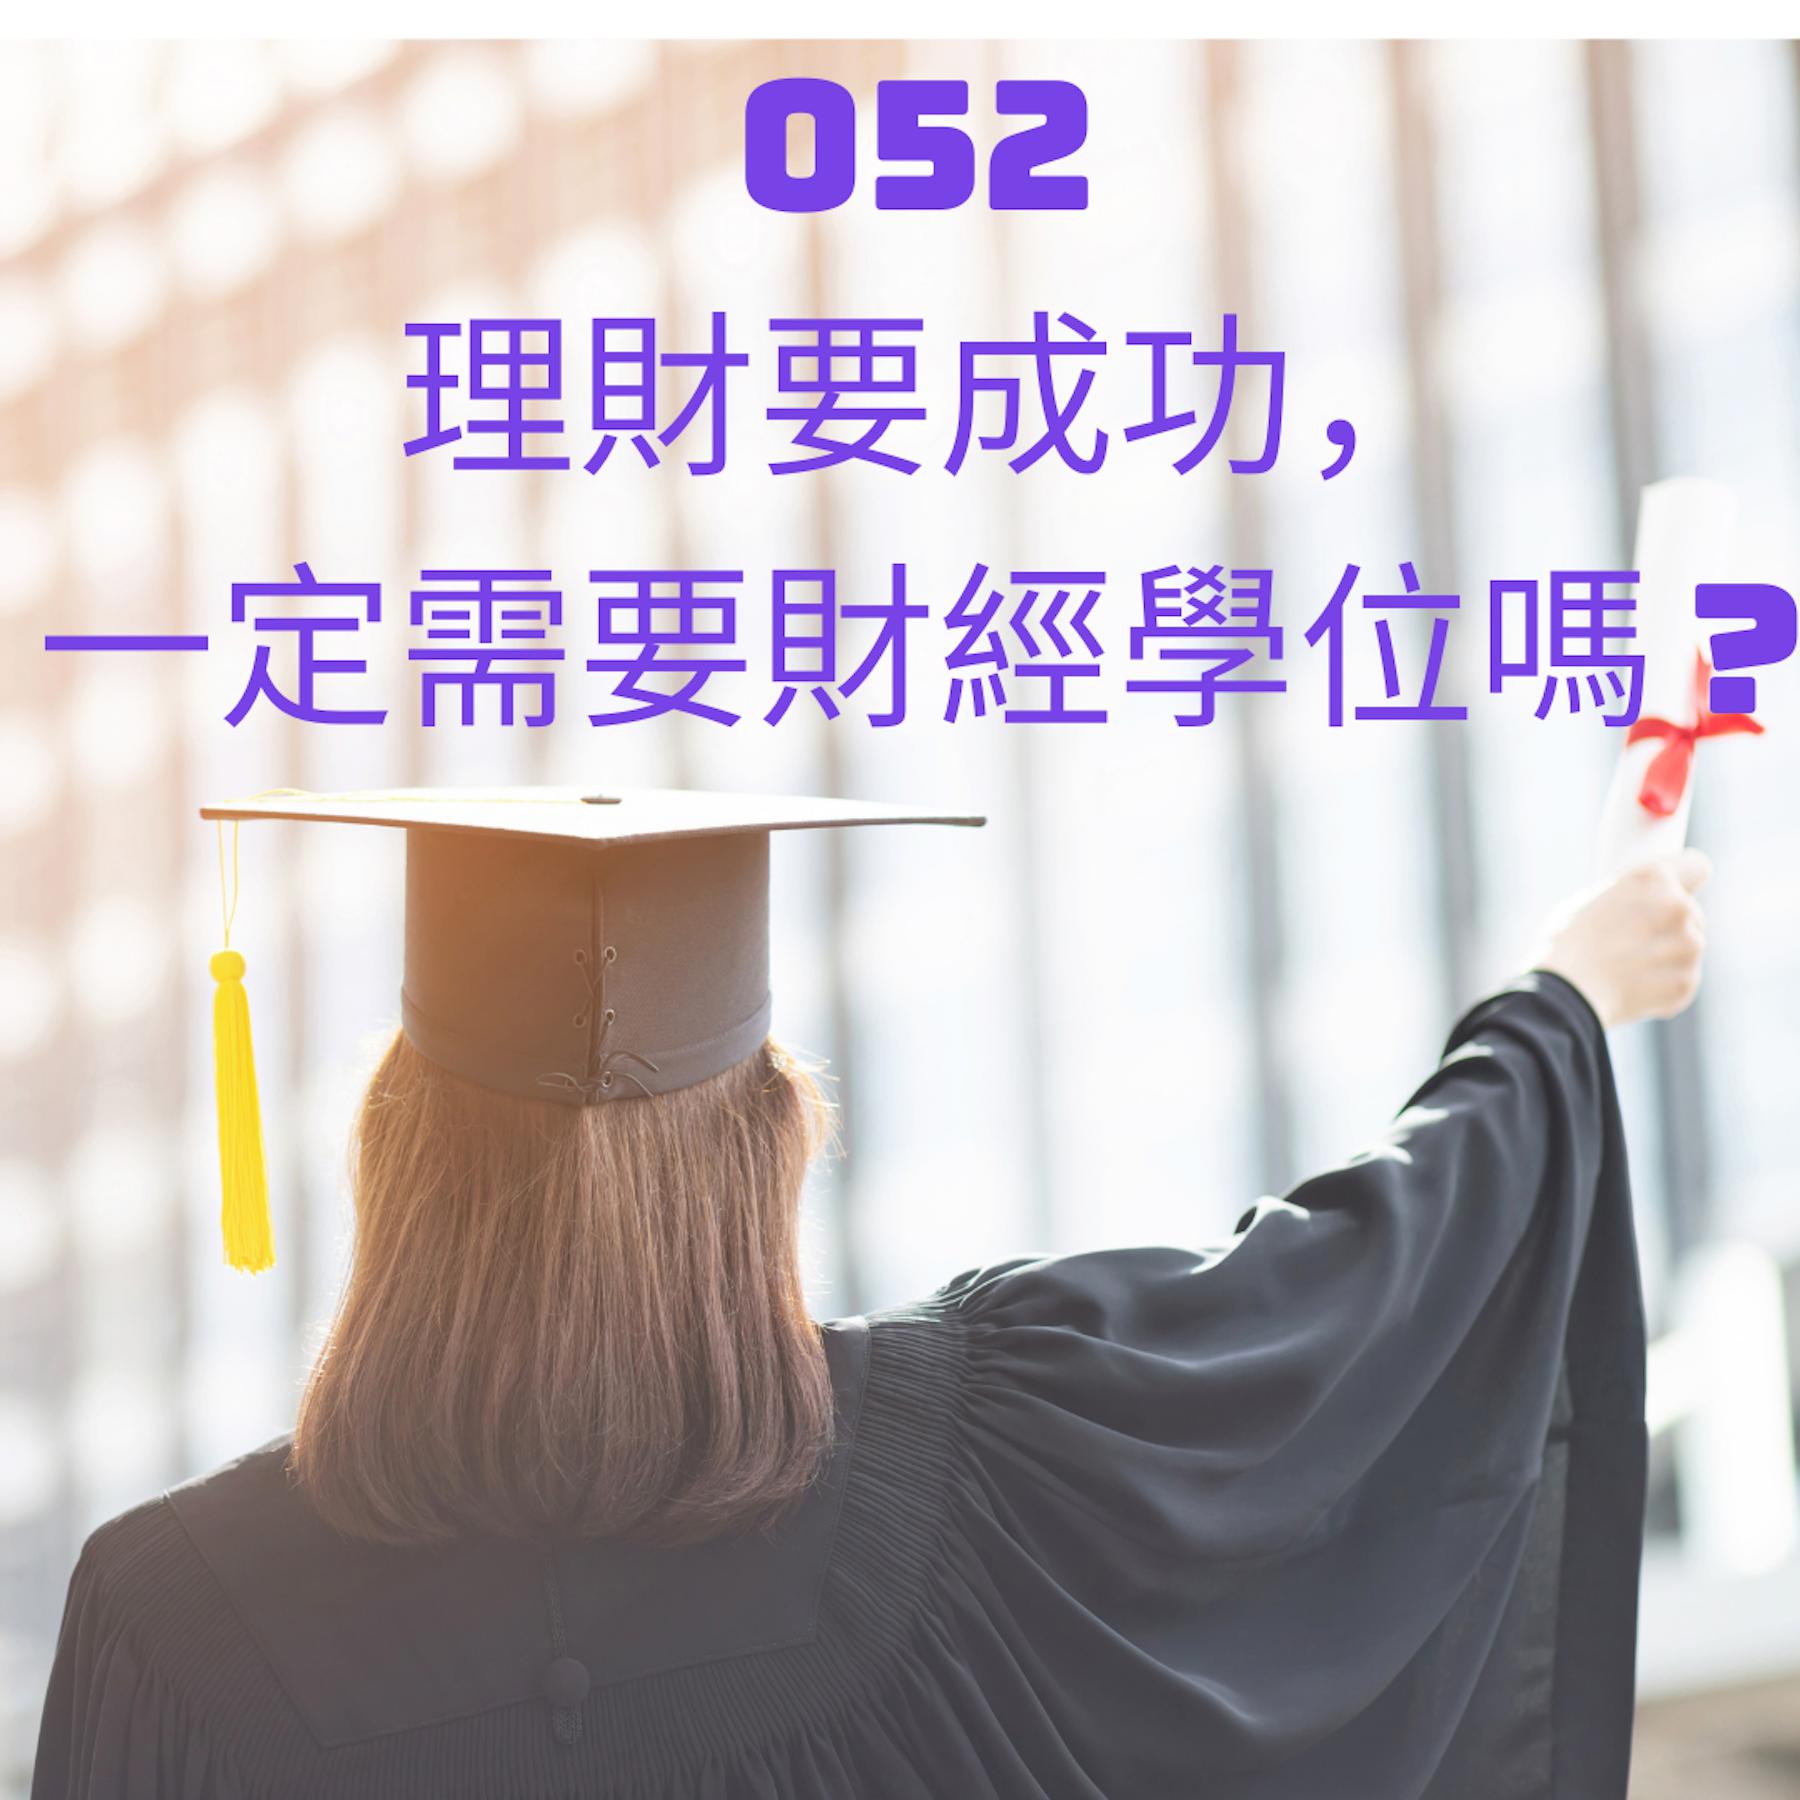 052 理財要成功,一定需要財經學位嗎?